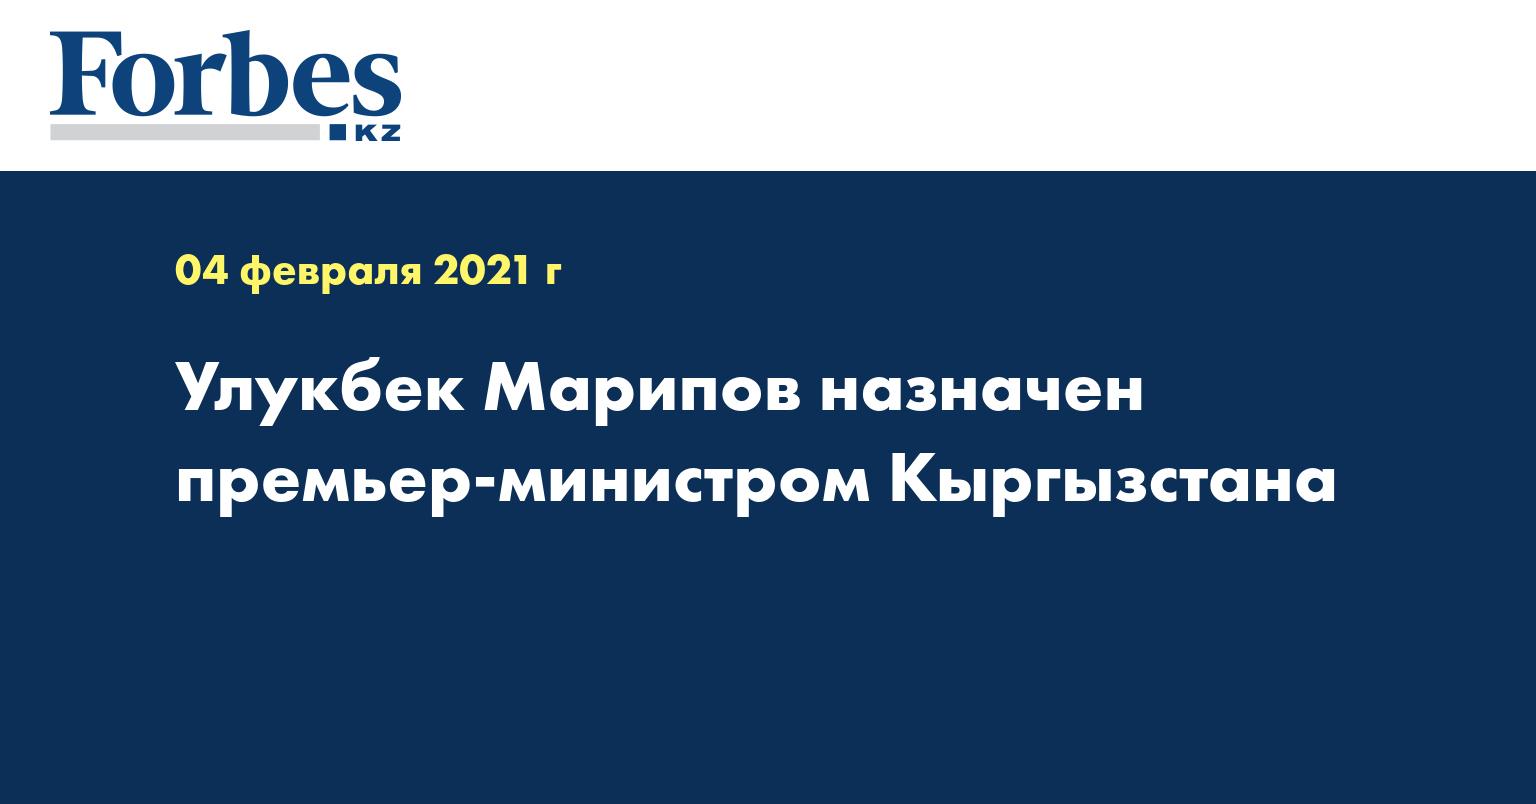 Улукбек Марипов назначен премьер-министром Кыргызстана